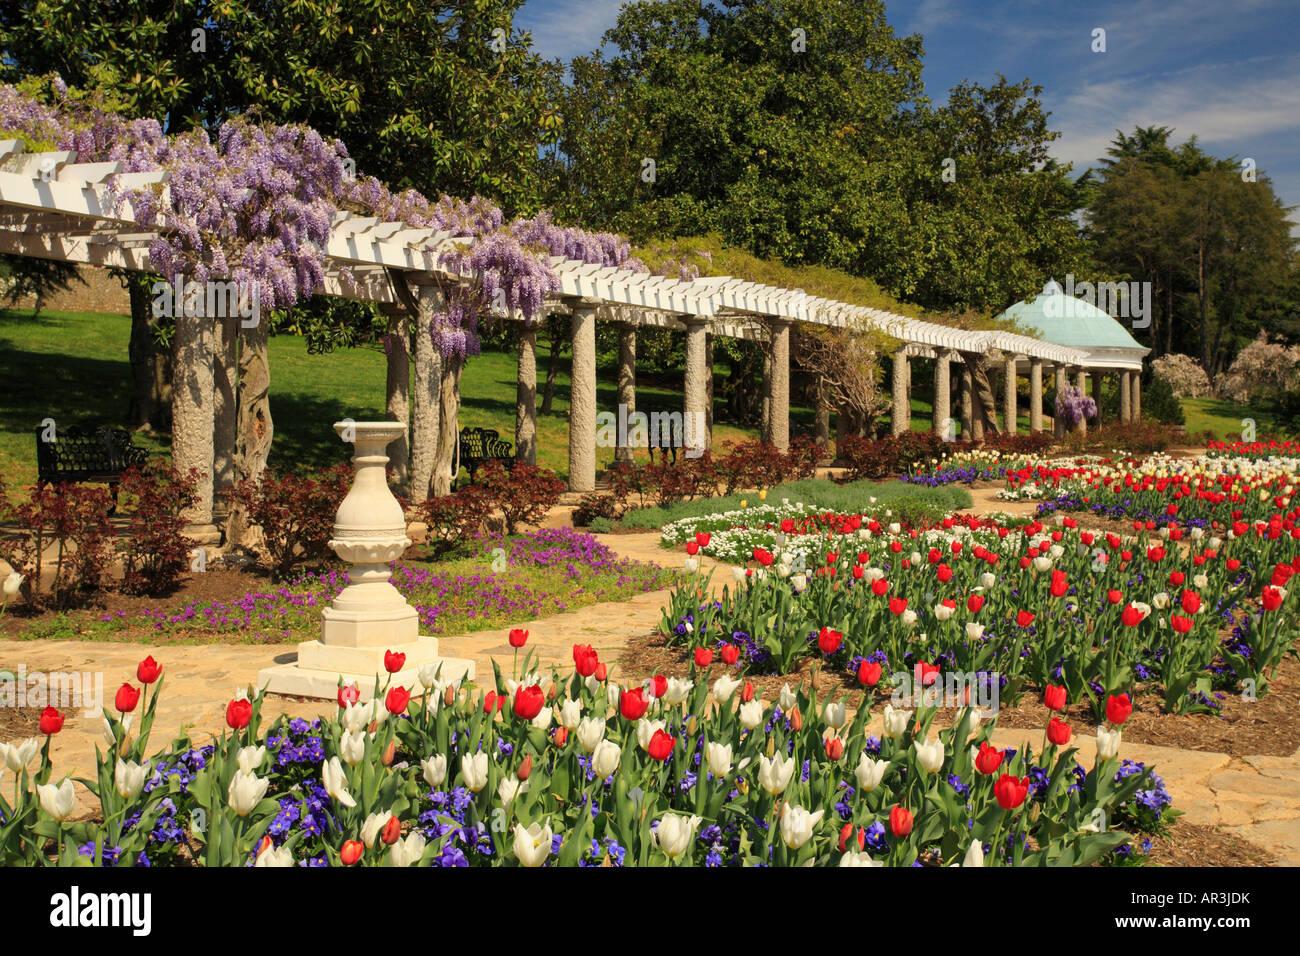 Italian Garden at Maymont Park, Richmond, Virginia, USA Stock Photo ...